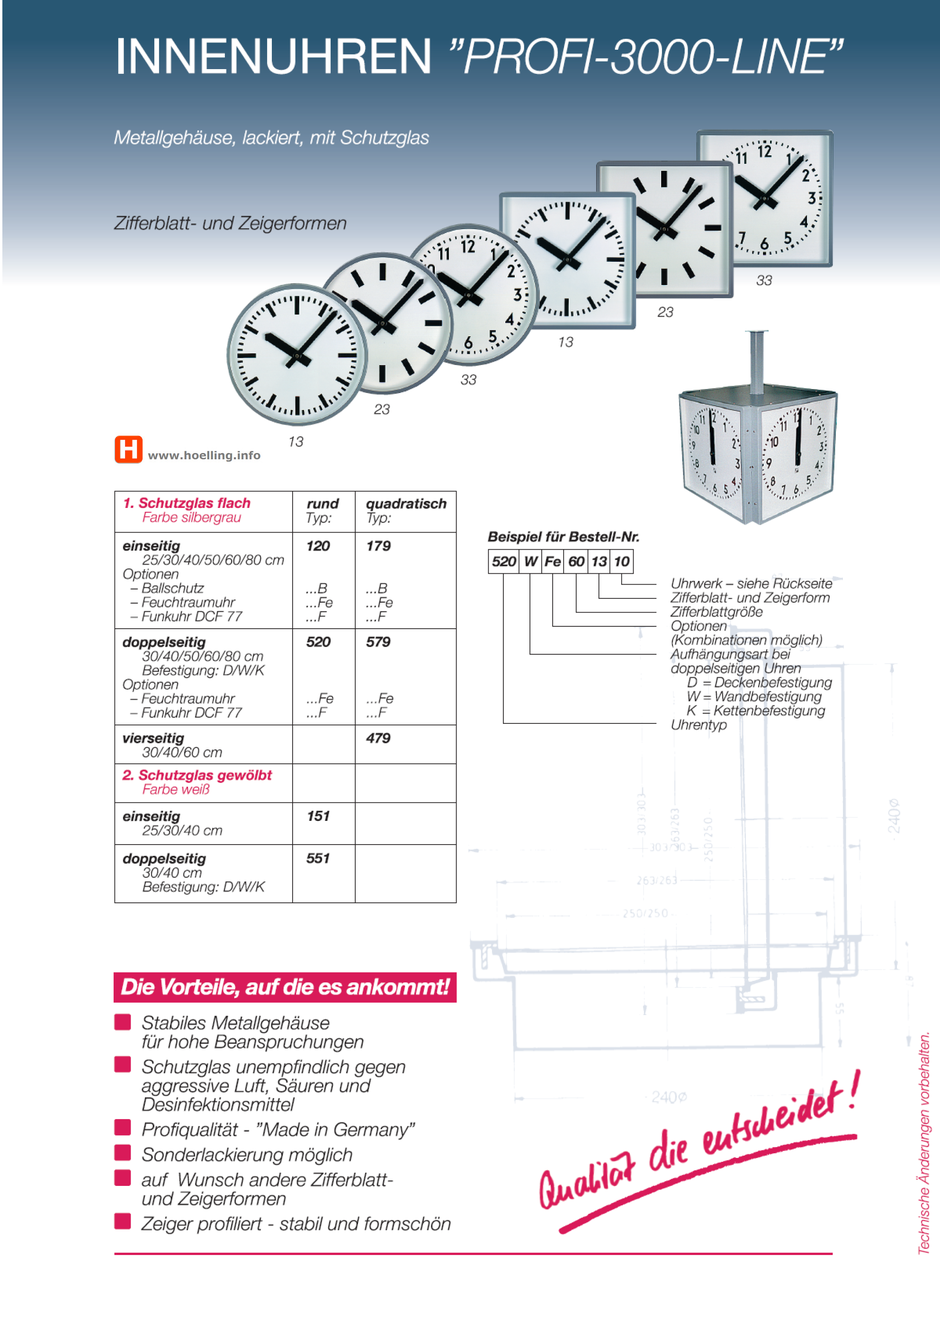 Innenuhren PROFI-3000-LINE  www.hoelling.info